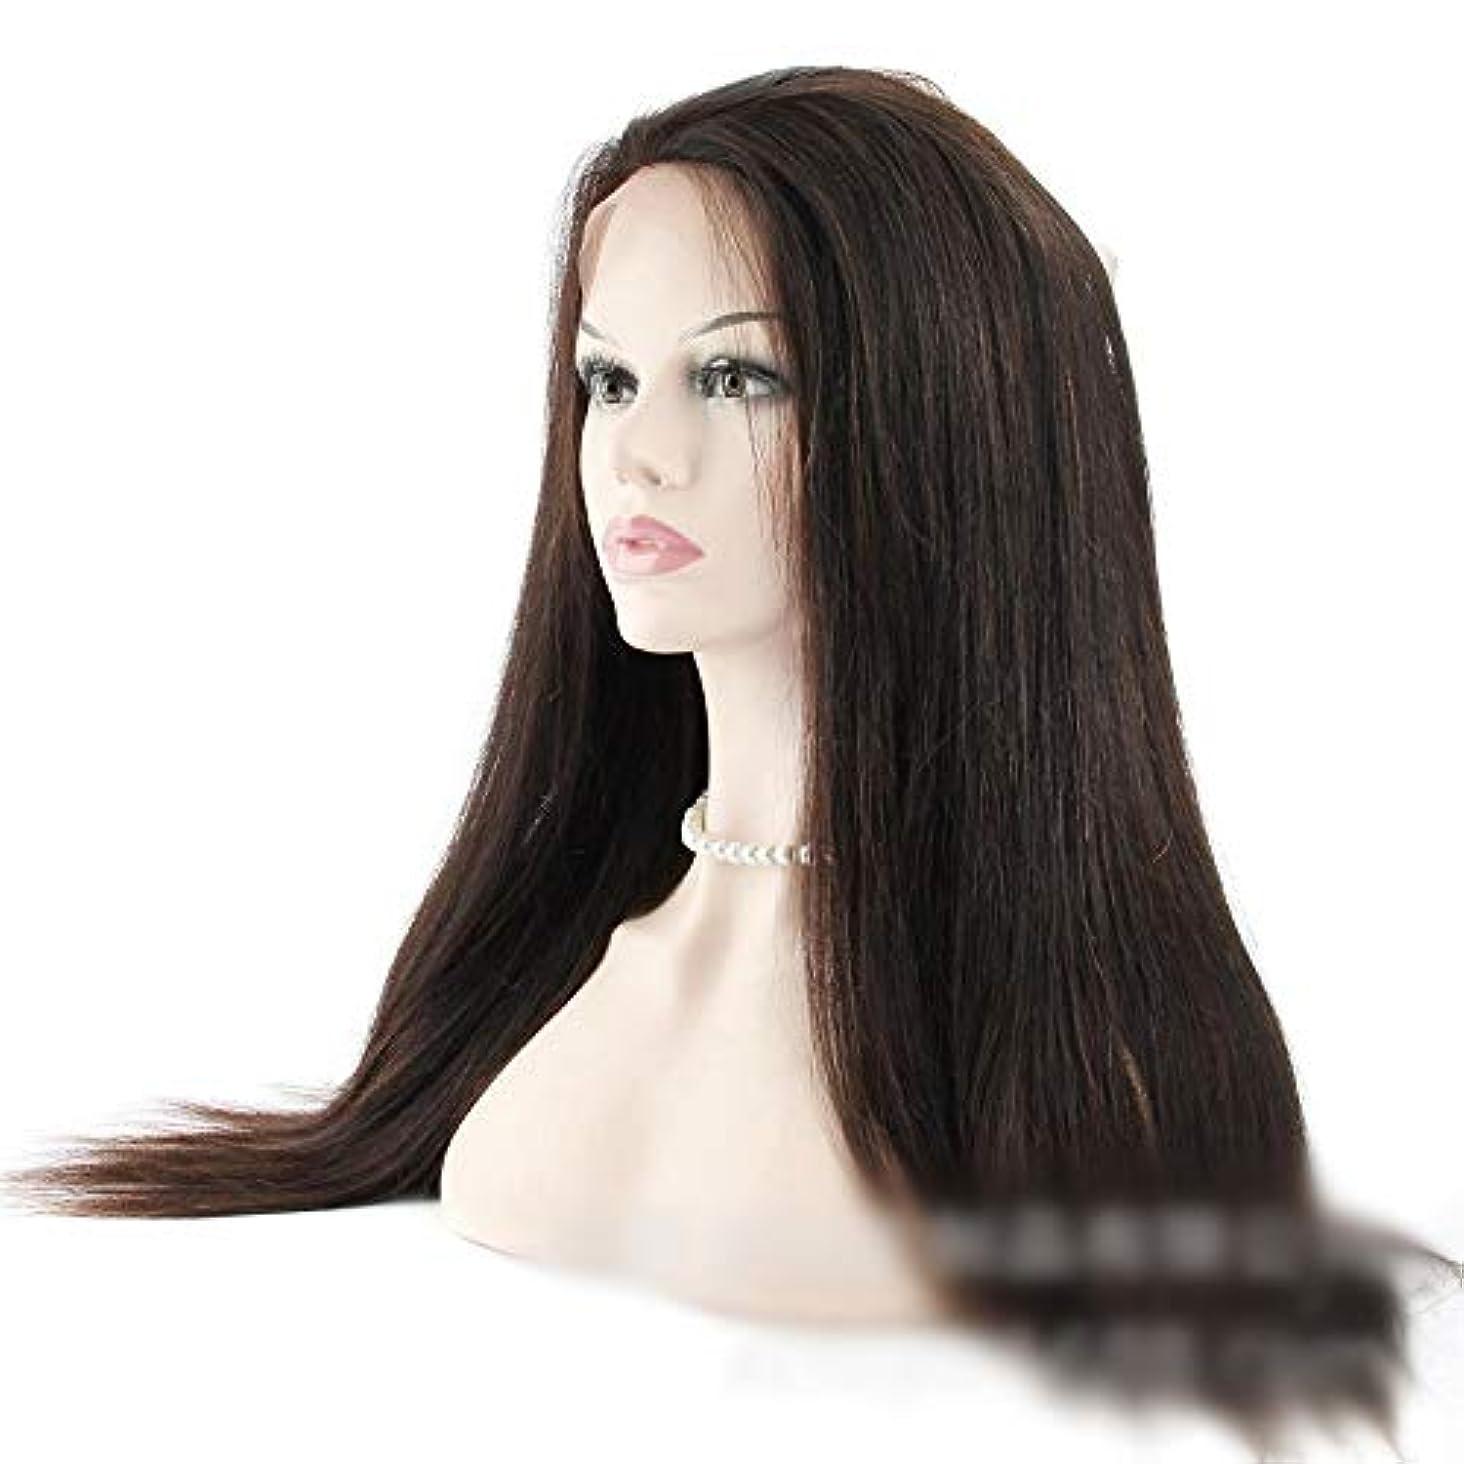 死チロ発揮するJULYTER 360レース前頭閉鎖ブラジル人間の髪の毛の広場ナチュラルブラックカラー(14インチ-20インチ) (色 : 黒, サイズ : 10 inch)